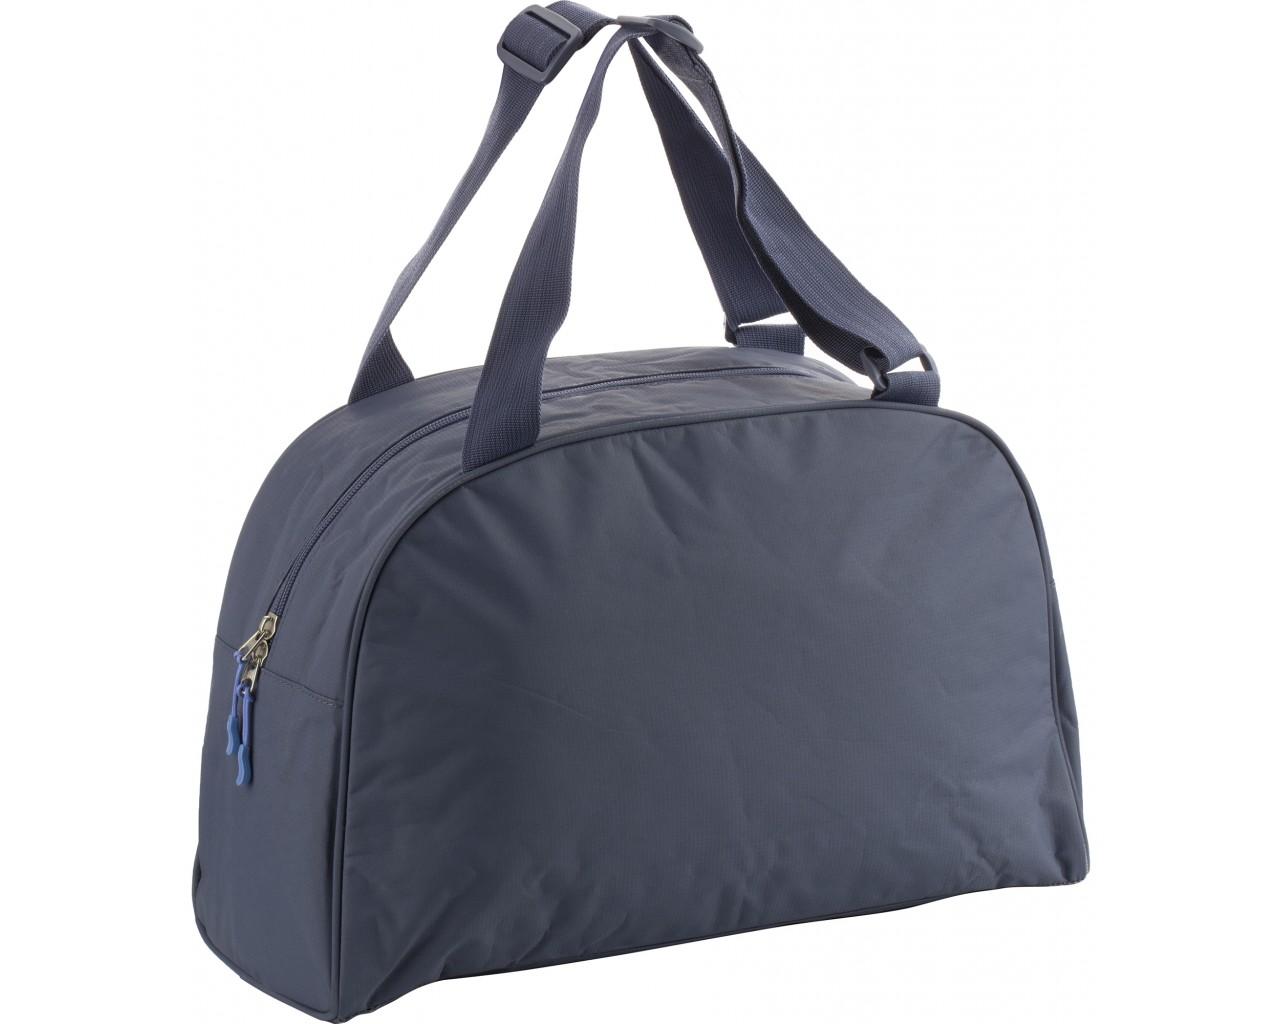 0c91e450 Сумка Demix Bag темно-серый арт. JWCB04-93